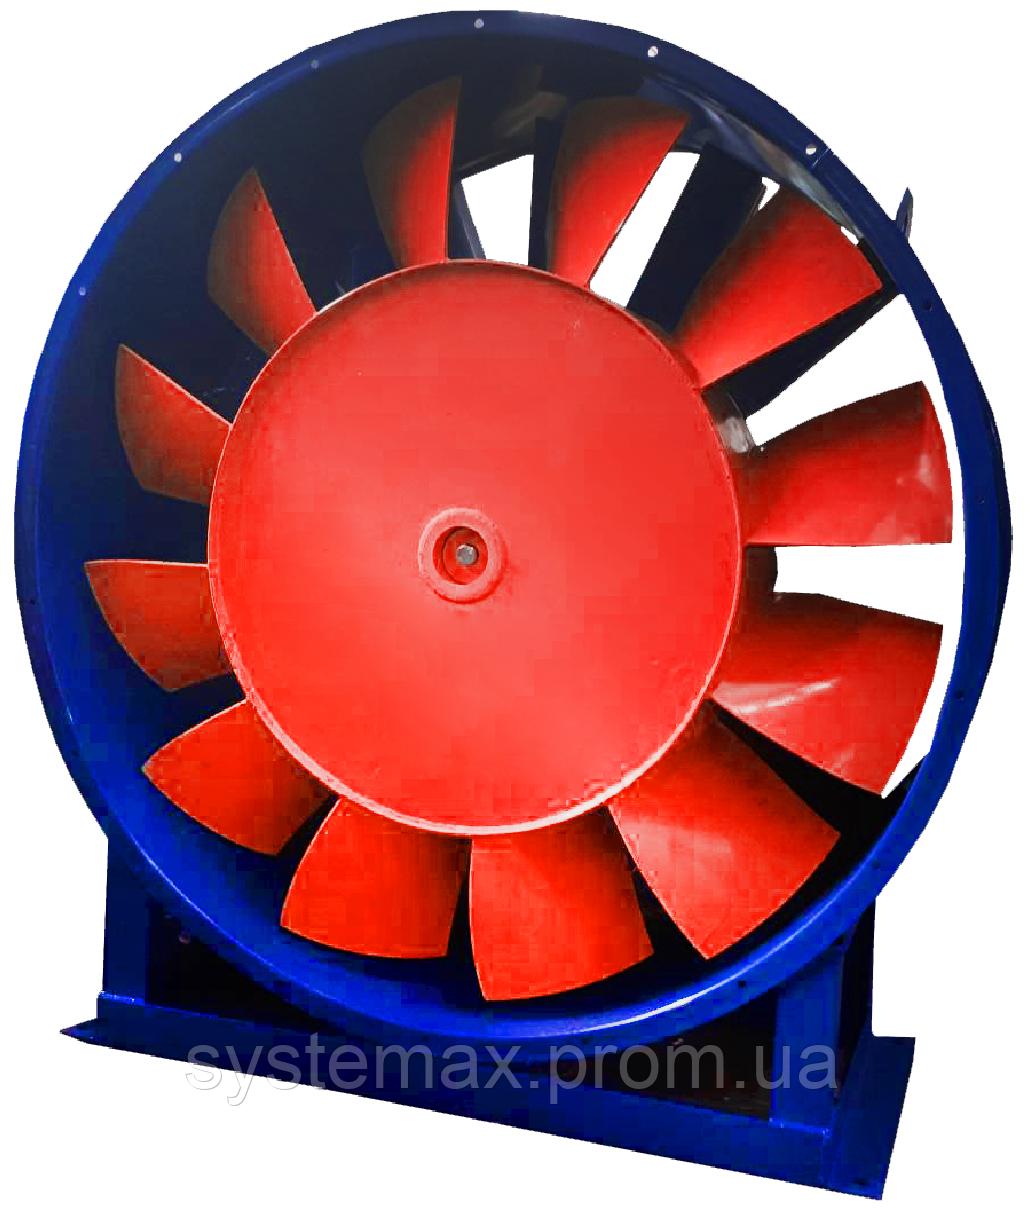 Вентилятор осевой В 2,3-130 №10 (ВО-46-130 №10)